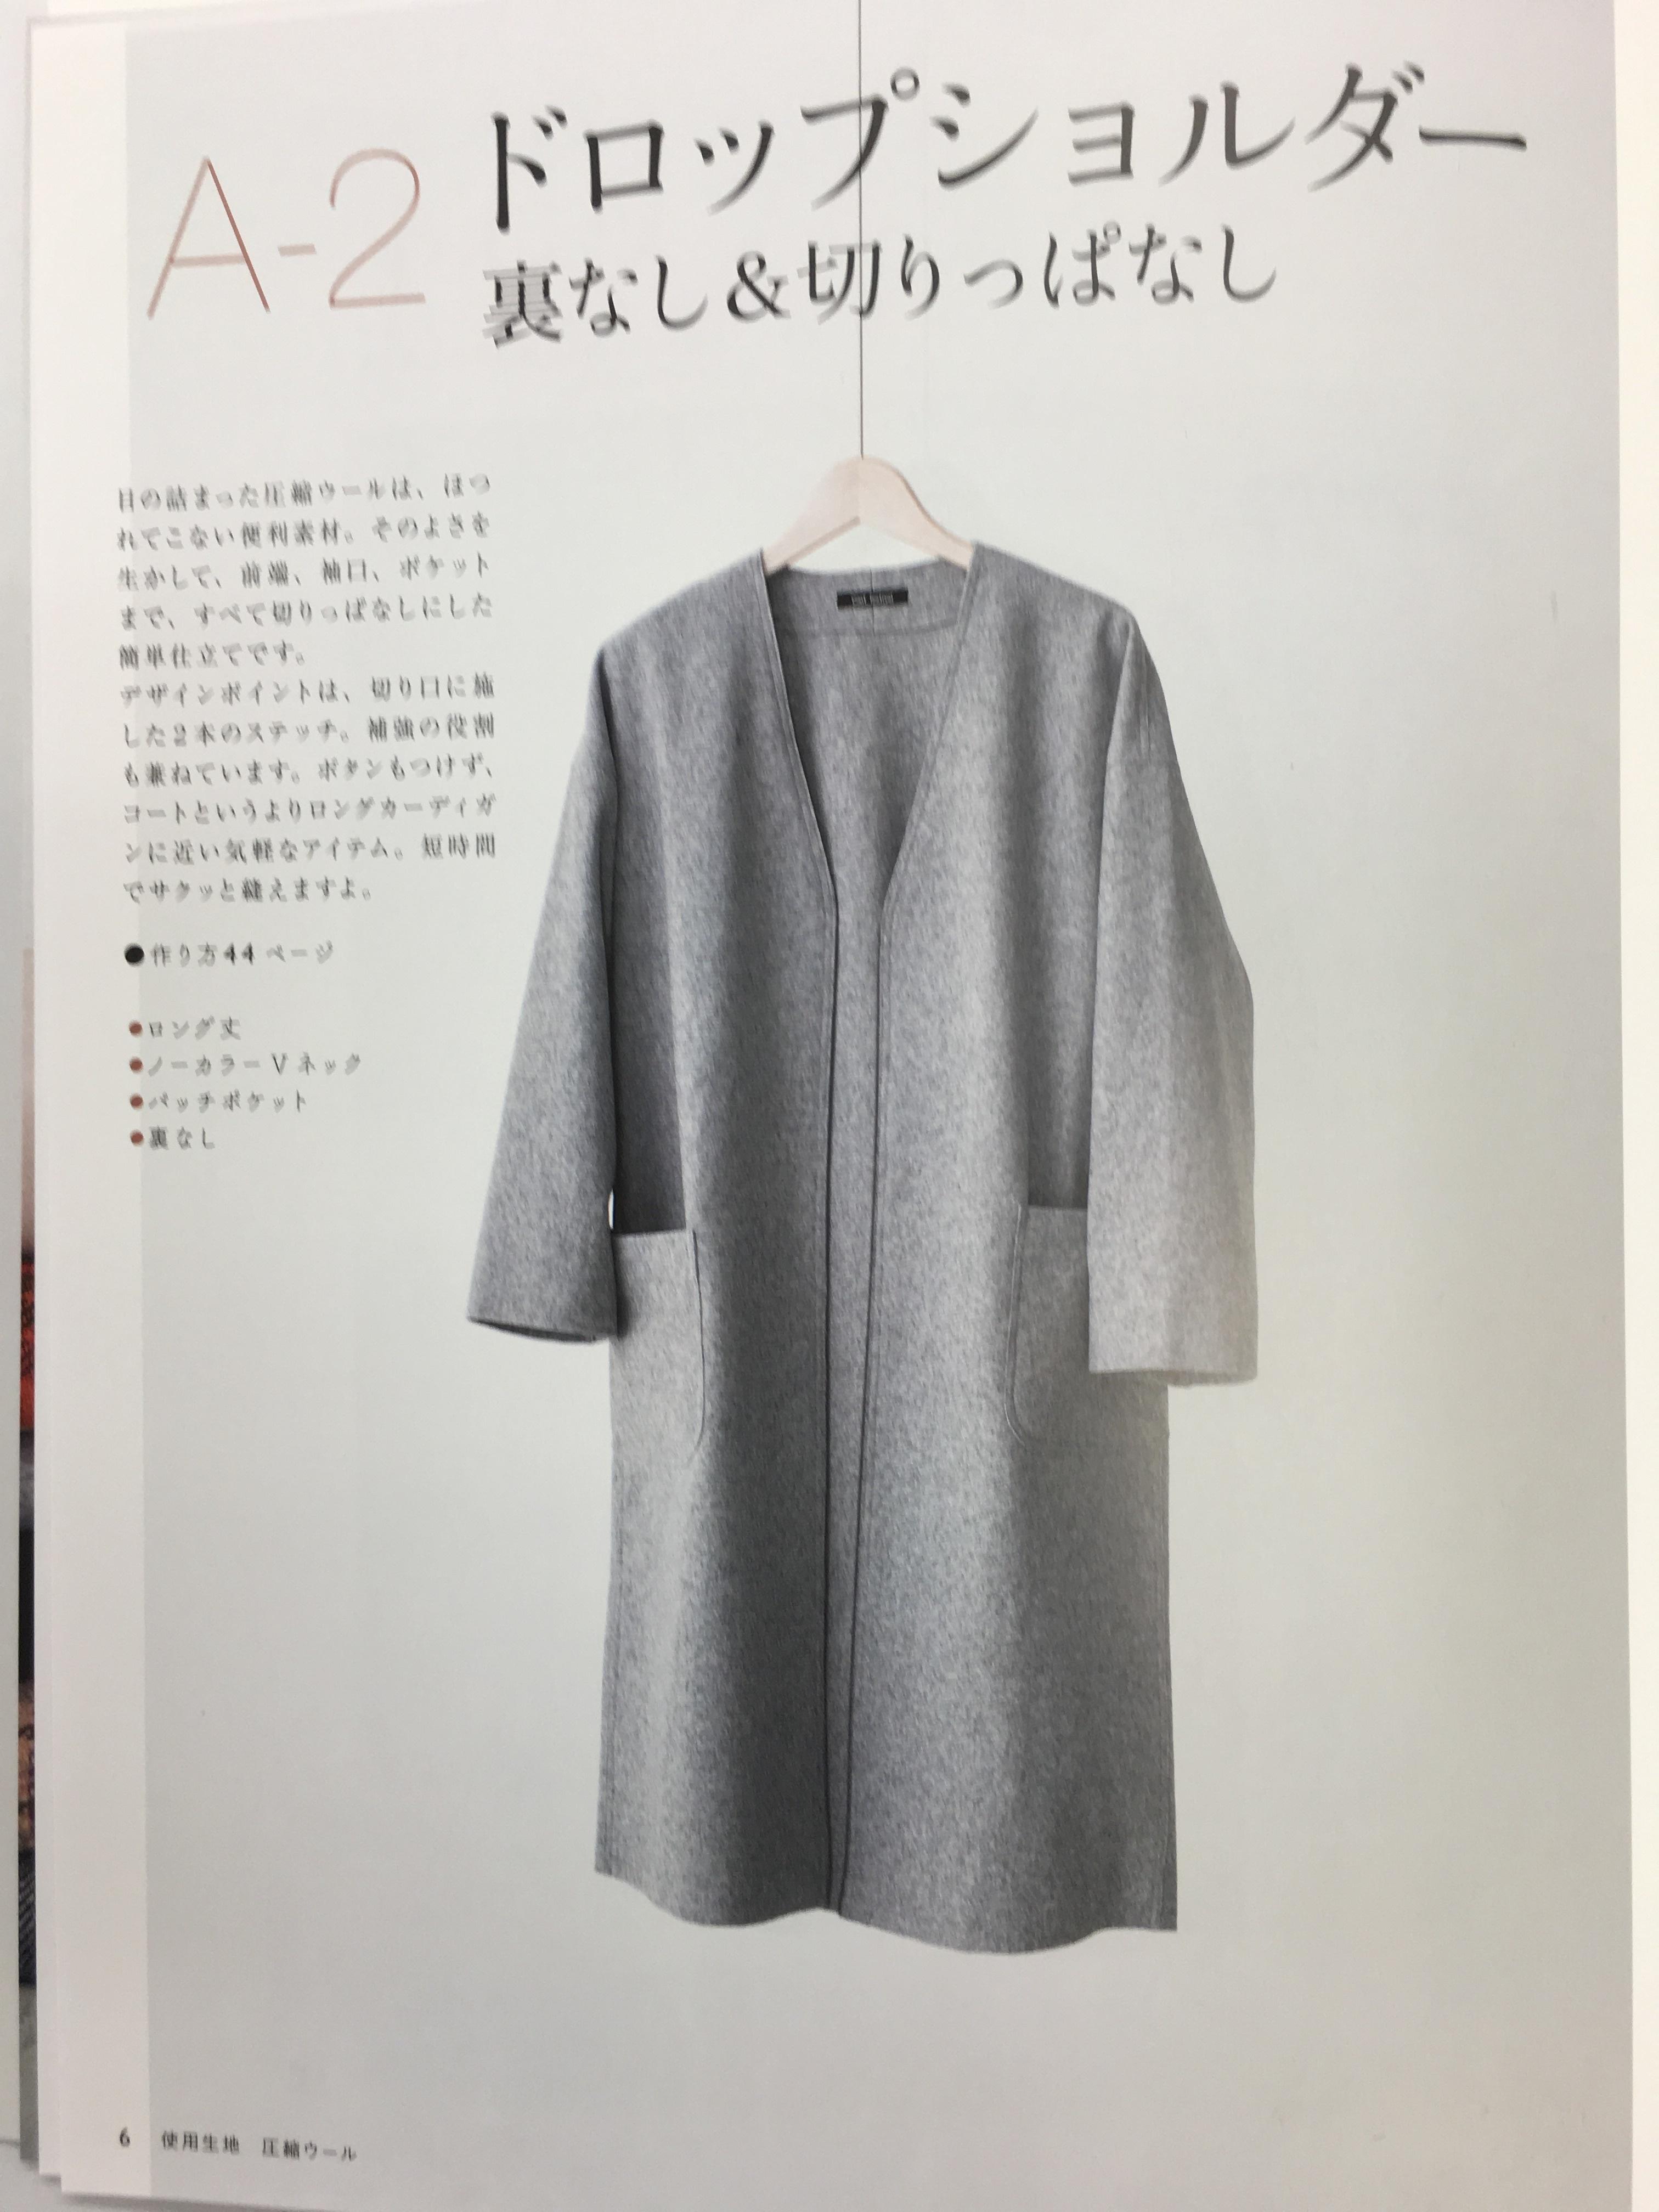 コートを縫おう。 A-2の型紙